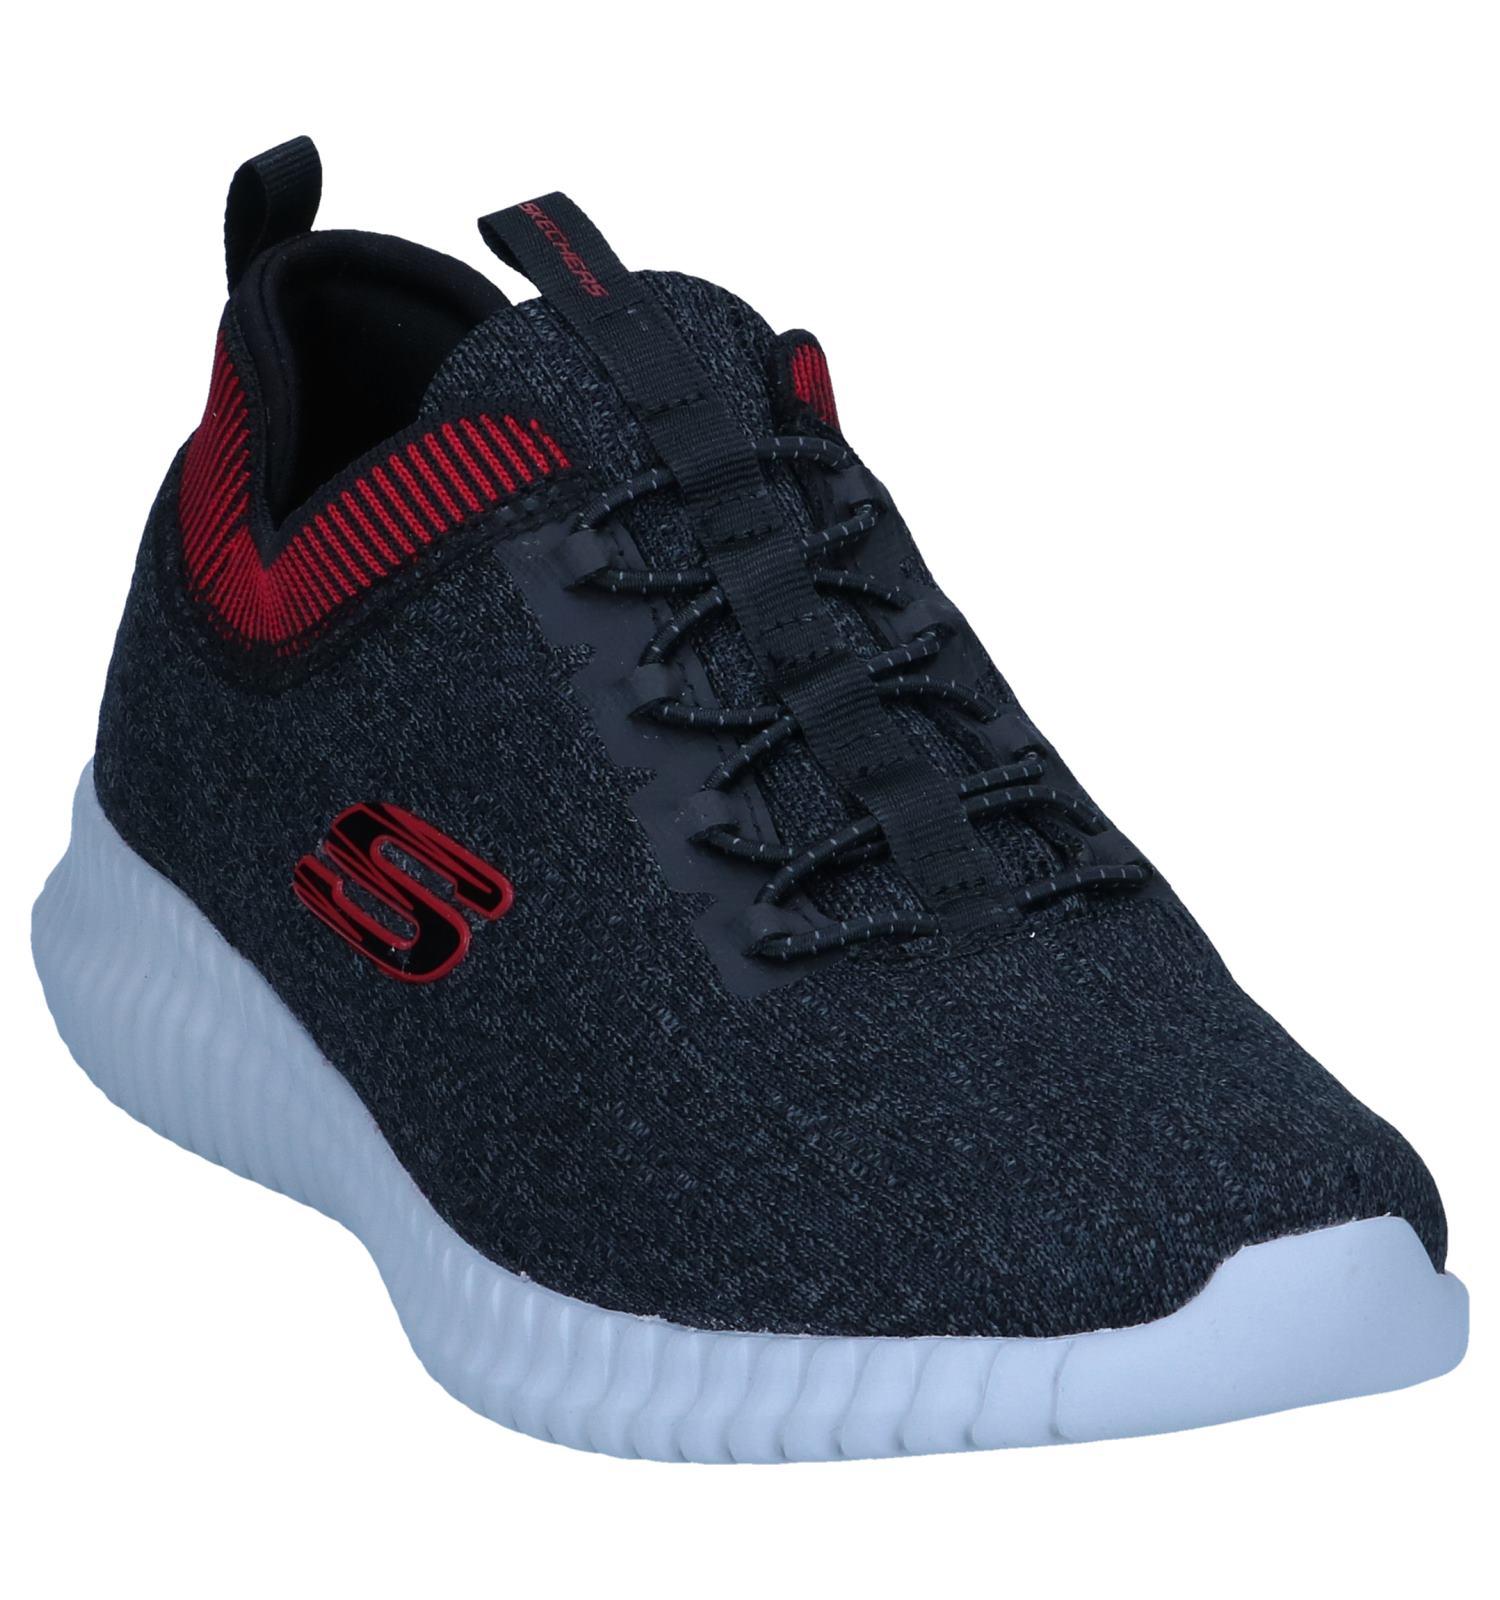 Skechers Air Sneakers Skechers Air Donkergrijze Skechers Donkergrijze Sneakers cooled Donkergrijze Sneakers cooled dChQxtsr